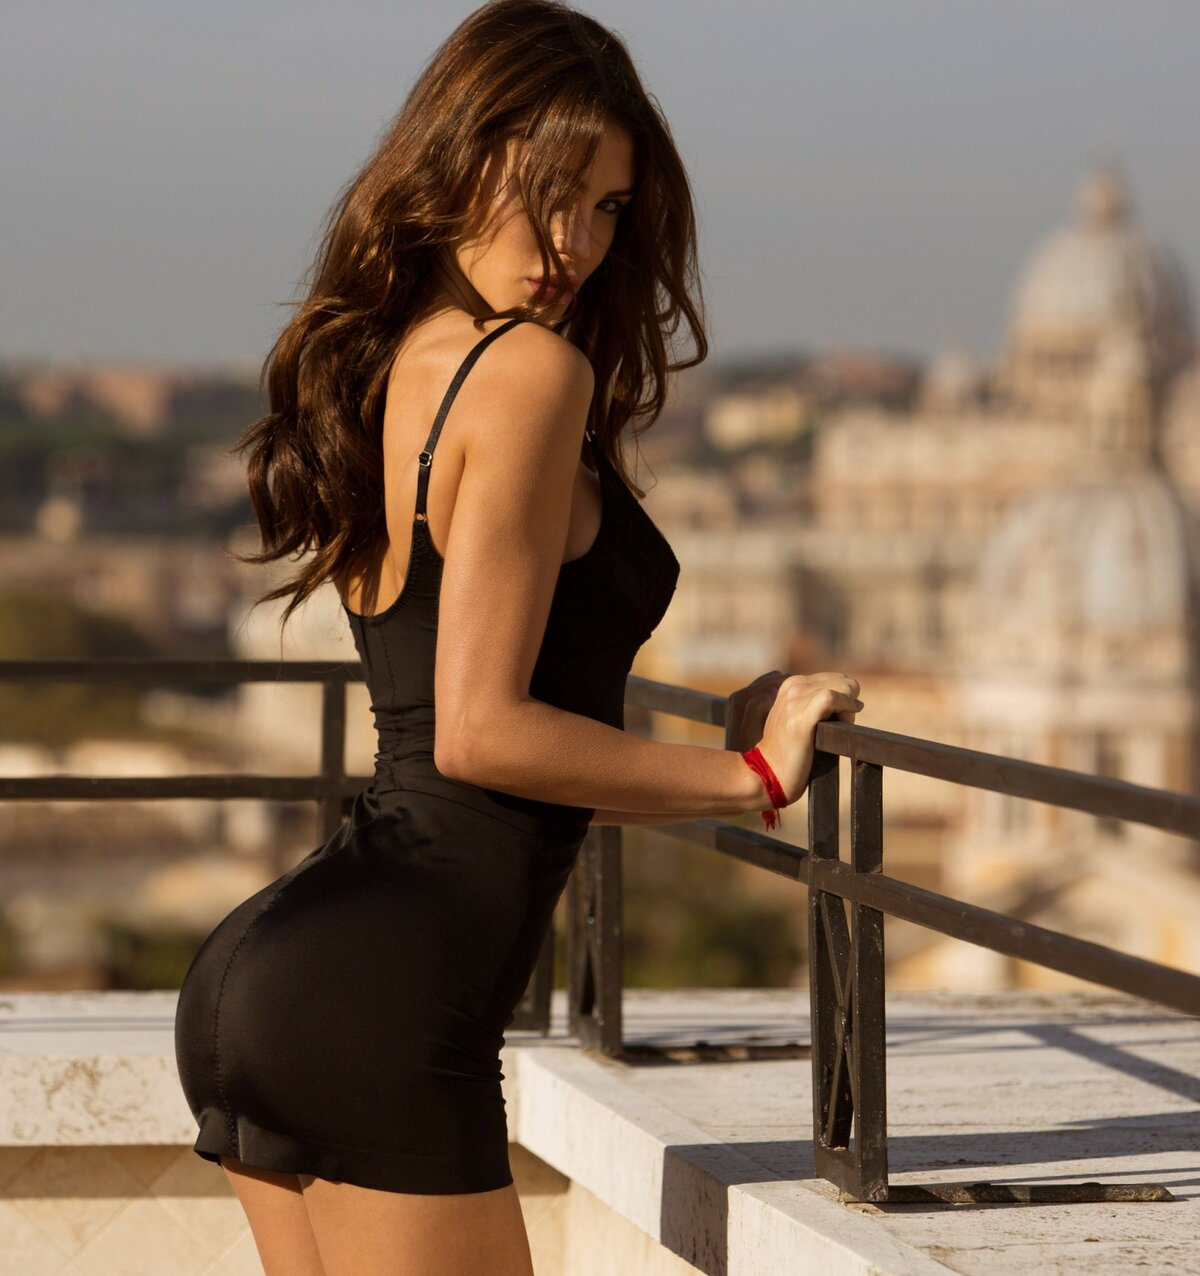 обозначающие брюнетка в черном сексуальном платье видео если касаемо